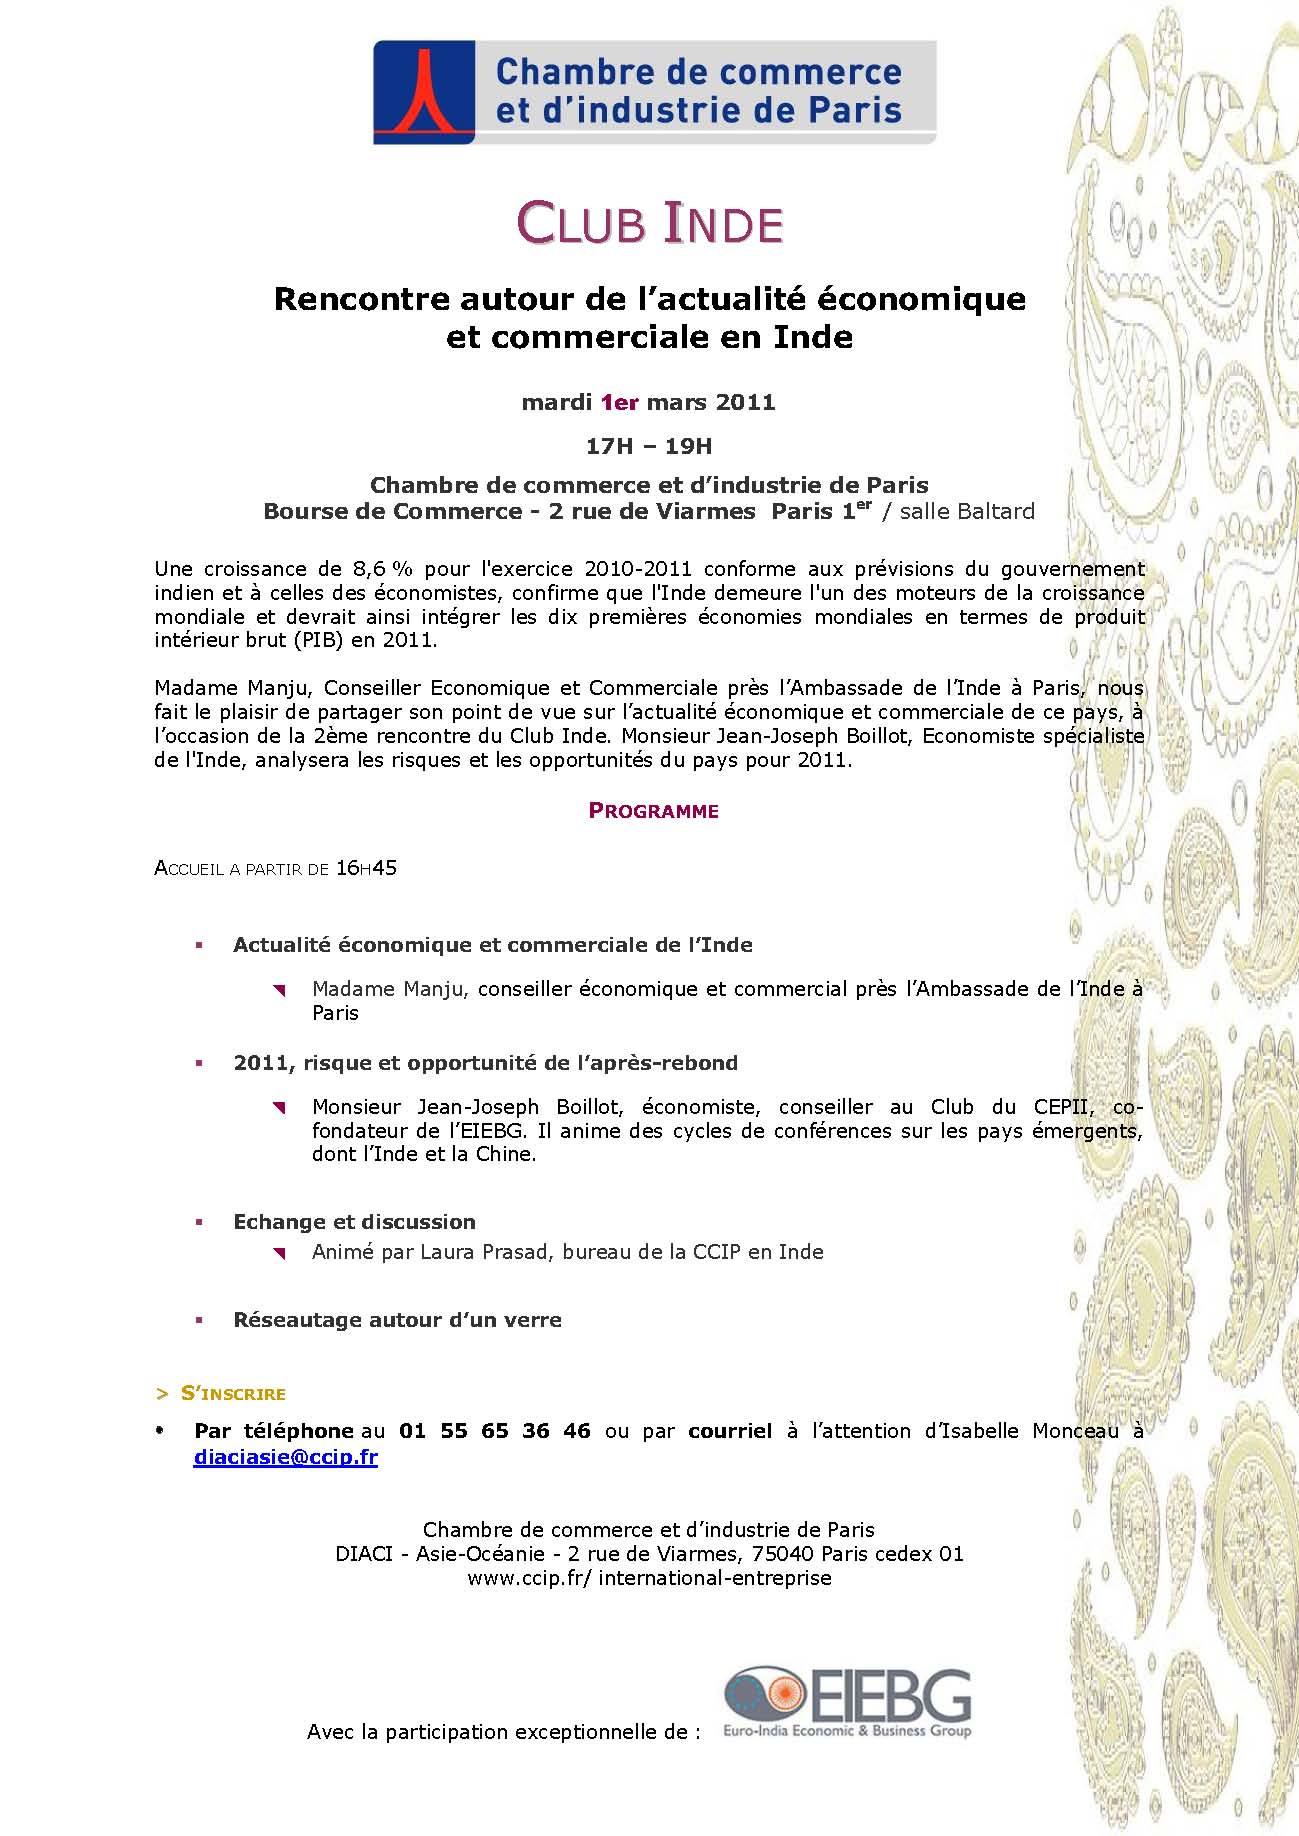 Eiebg archives 2011 - Chambre de commerce franco americaine paris ...